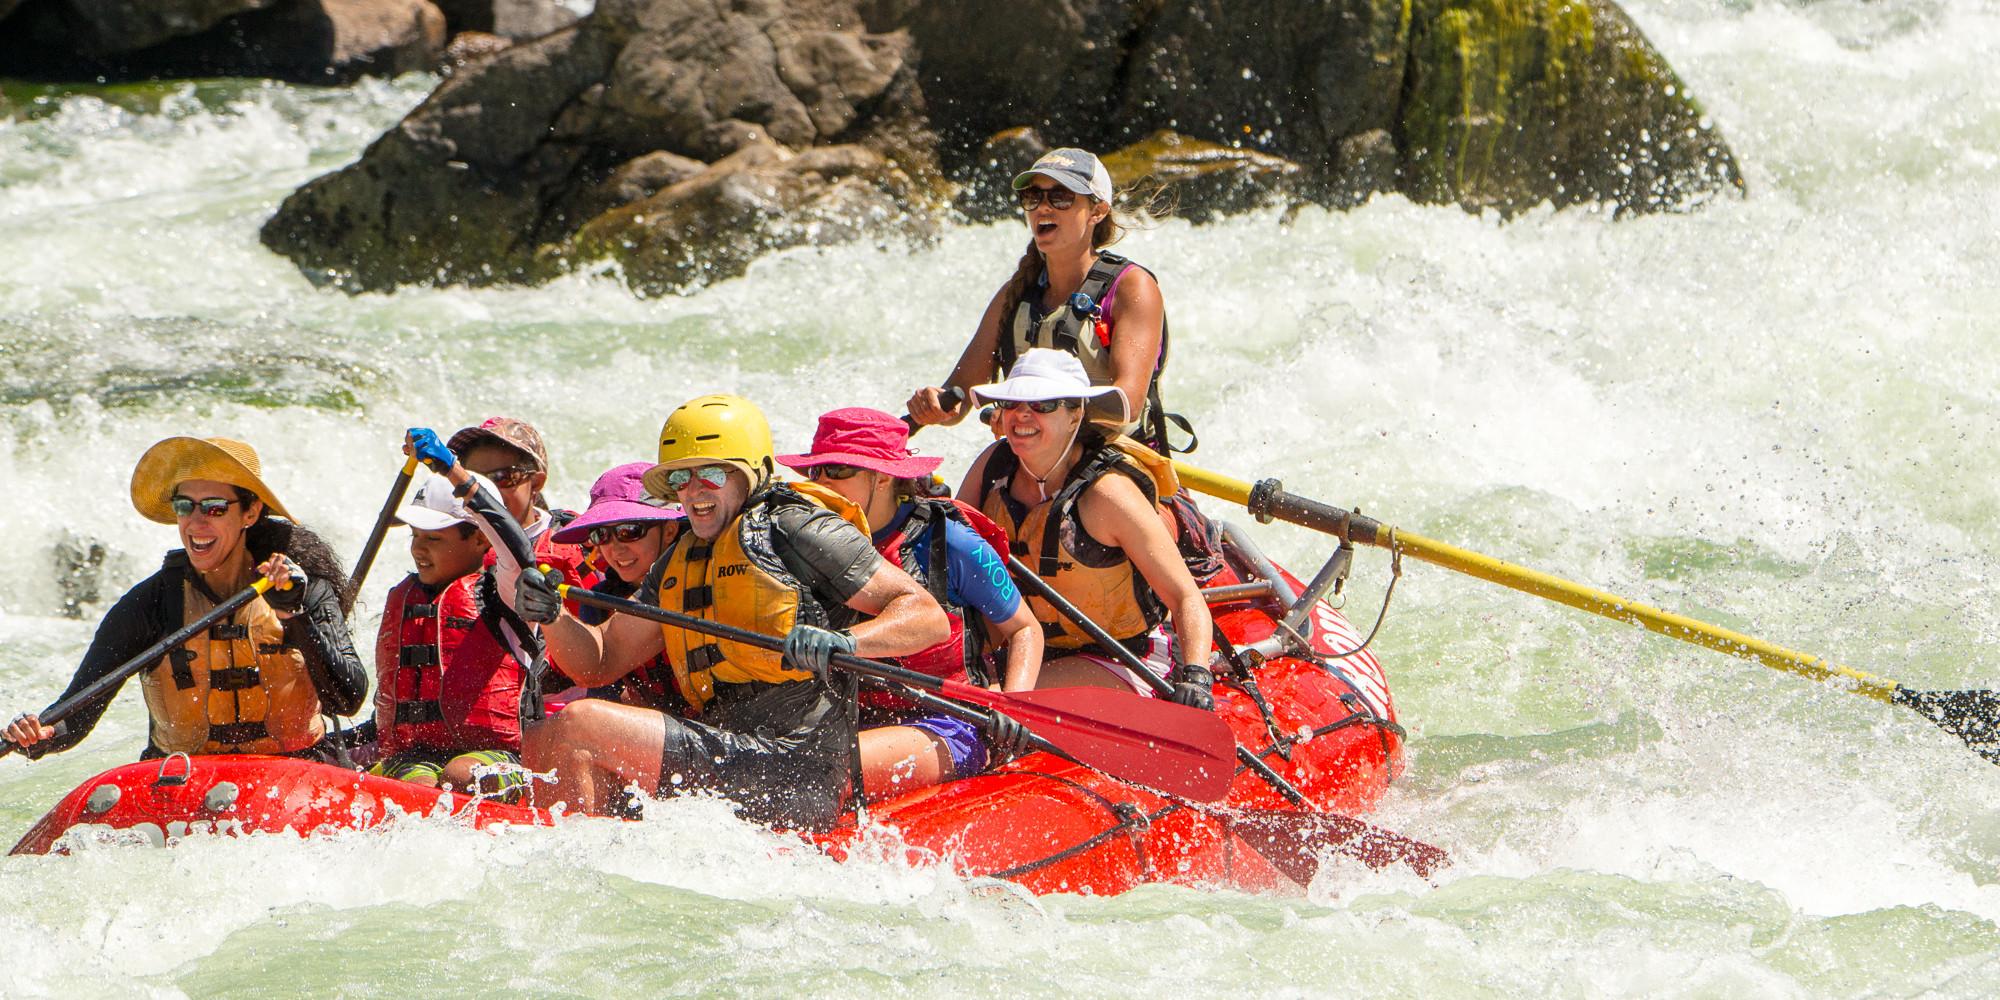 Owyhee River Rafting | Whitewater Rafting the Owyhee